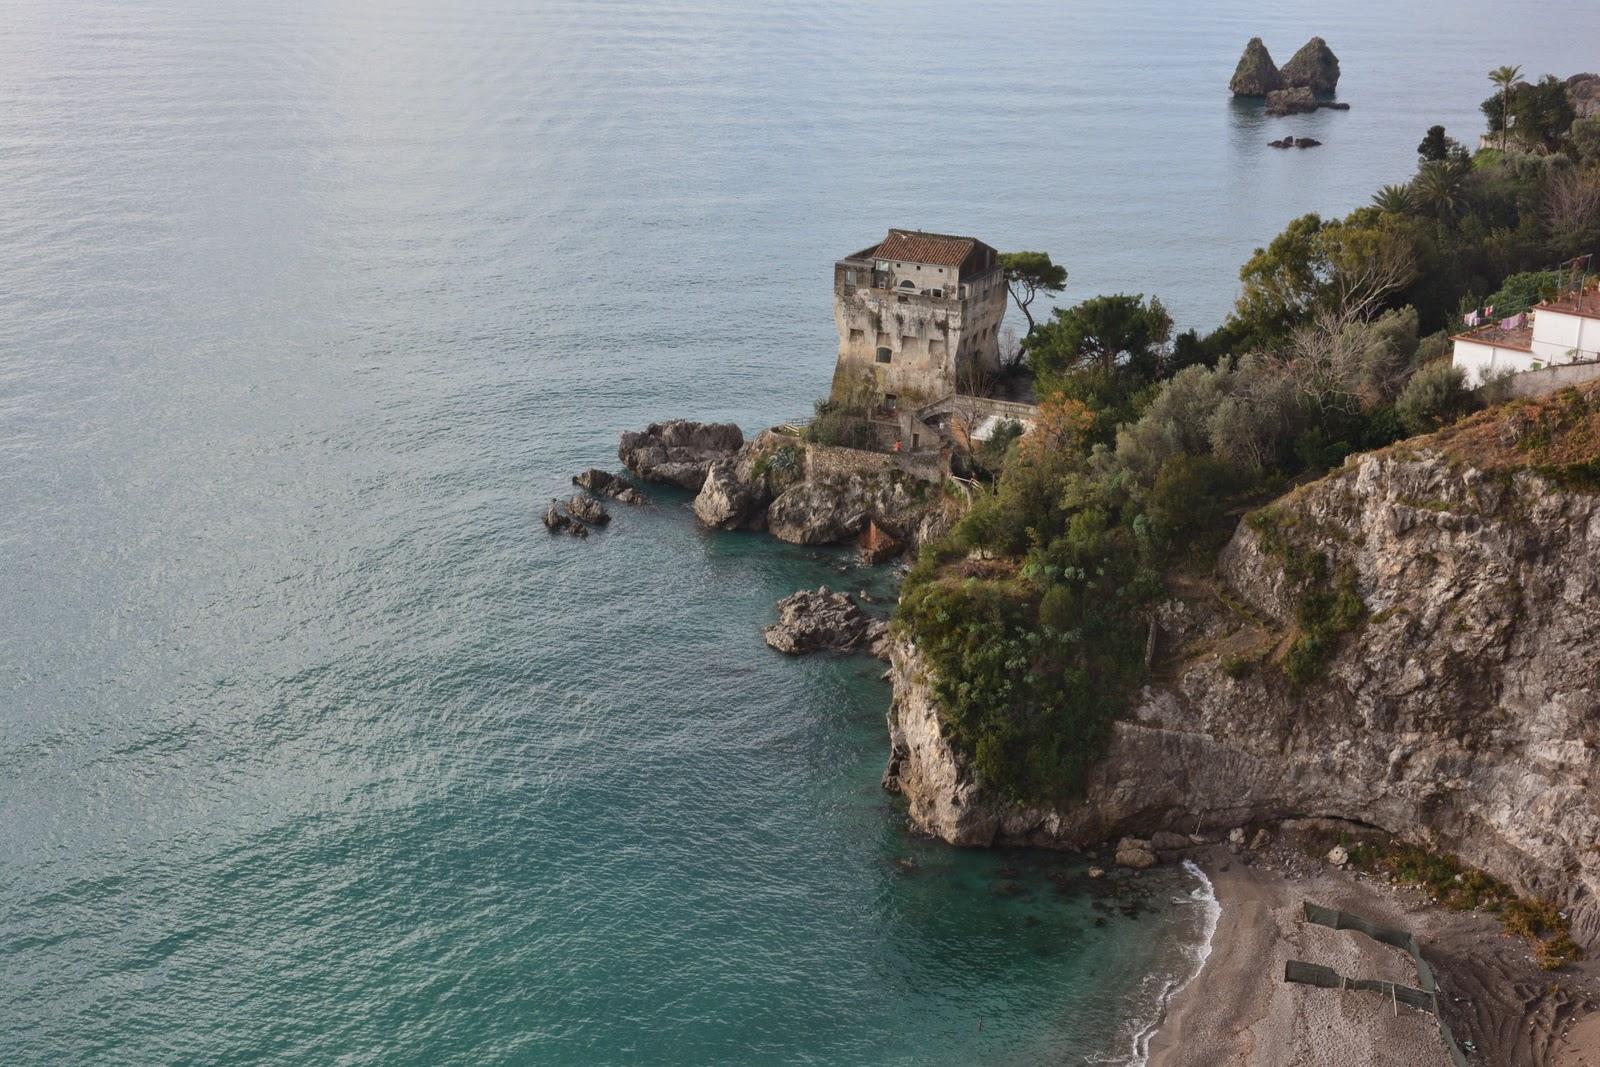 Vietri Sul Mare - Lloyd's Baia Hotel